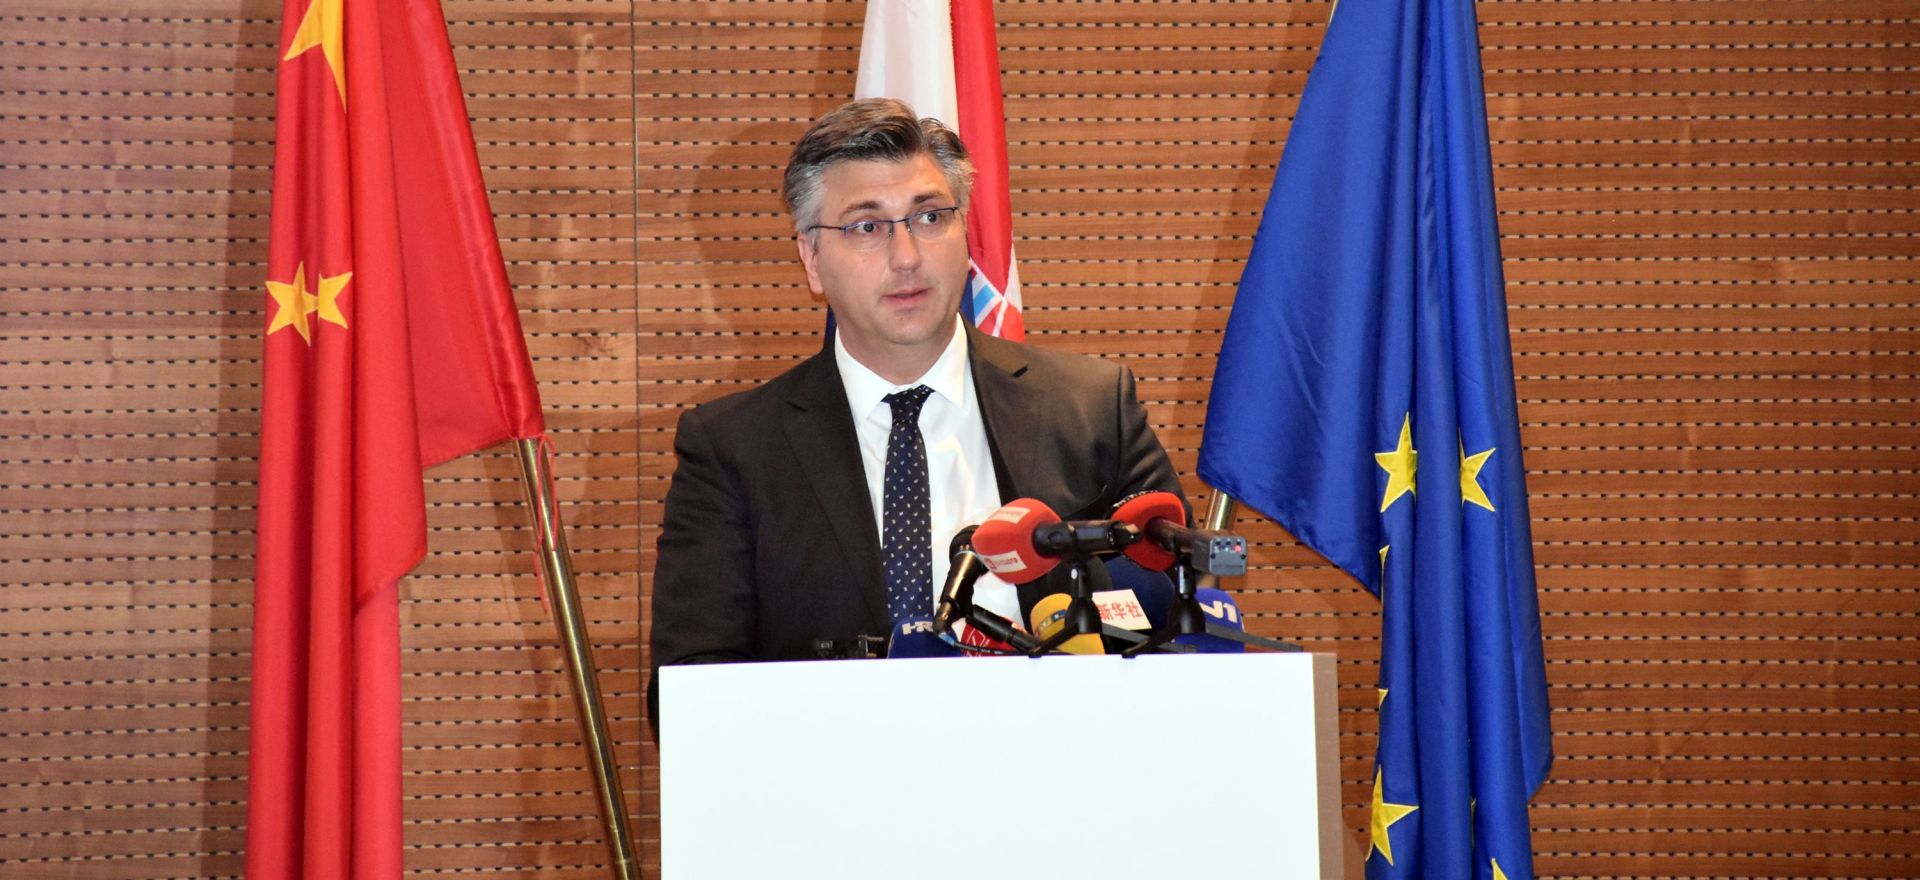 'Pelješki most trajni simbol dodatne vrijednosti članstva u EU'